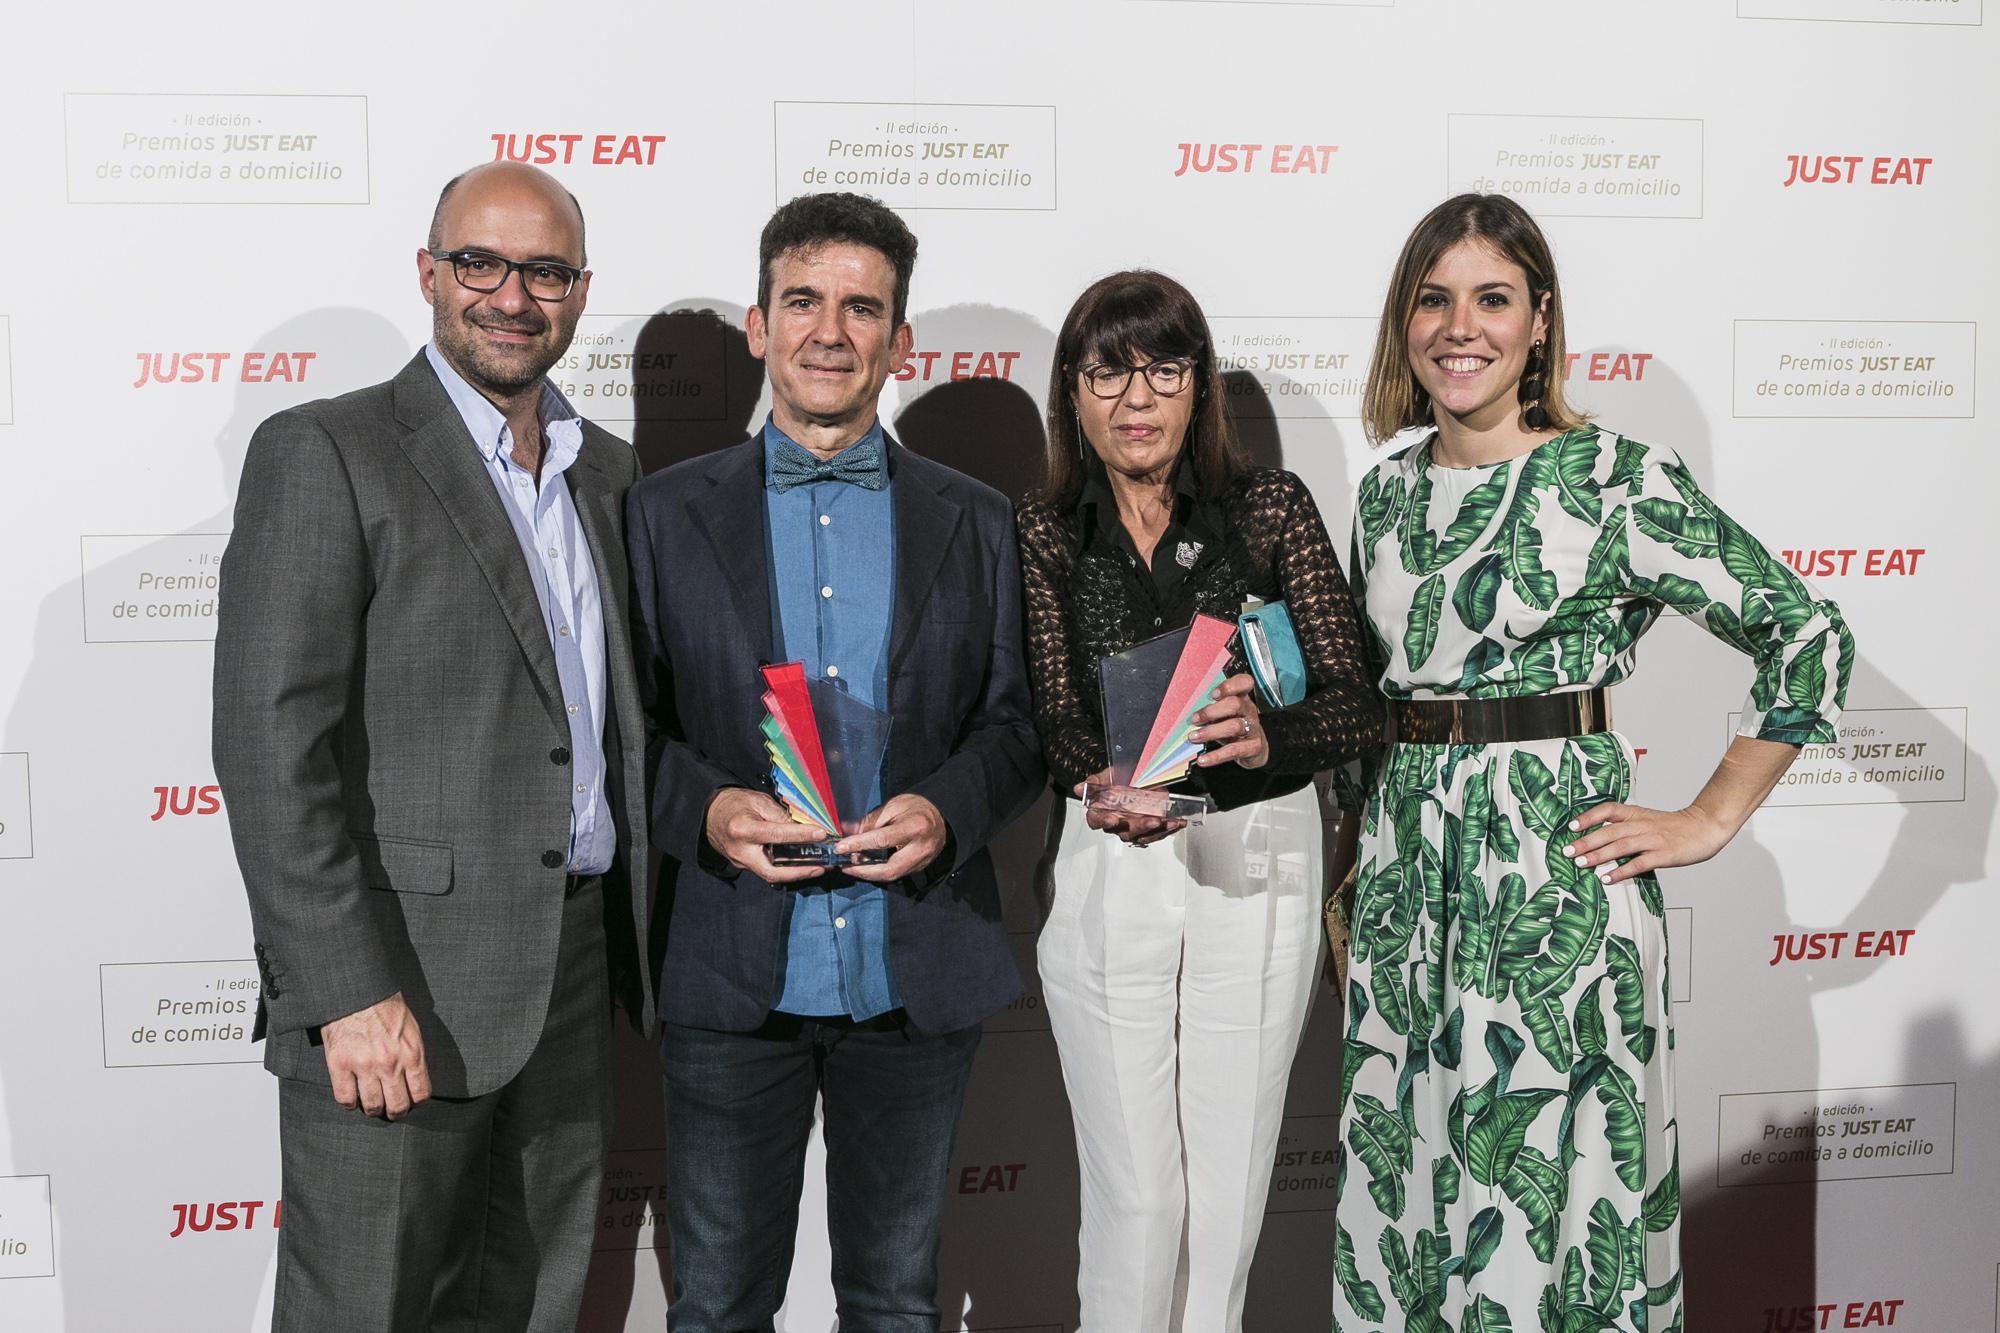 De gauche à droite. Jésus Rebollo, Country Manager Just Eat España, Yecla33 représentants et Inés Jaén, de Silence